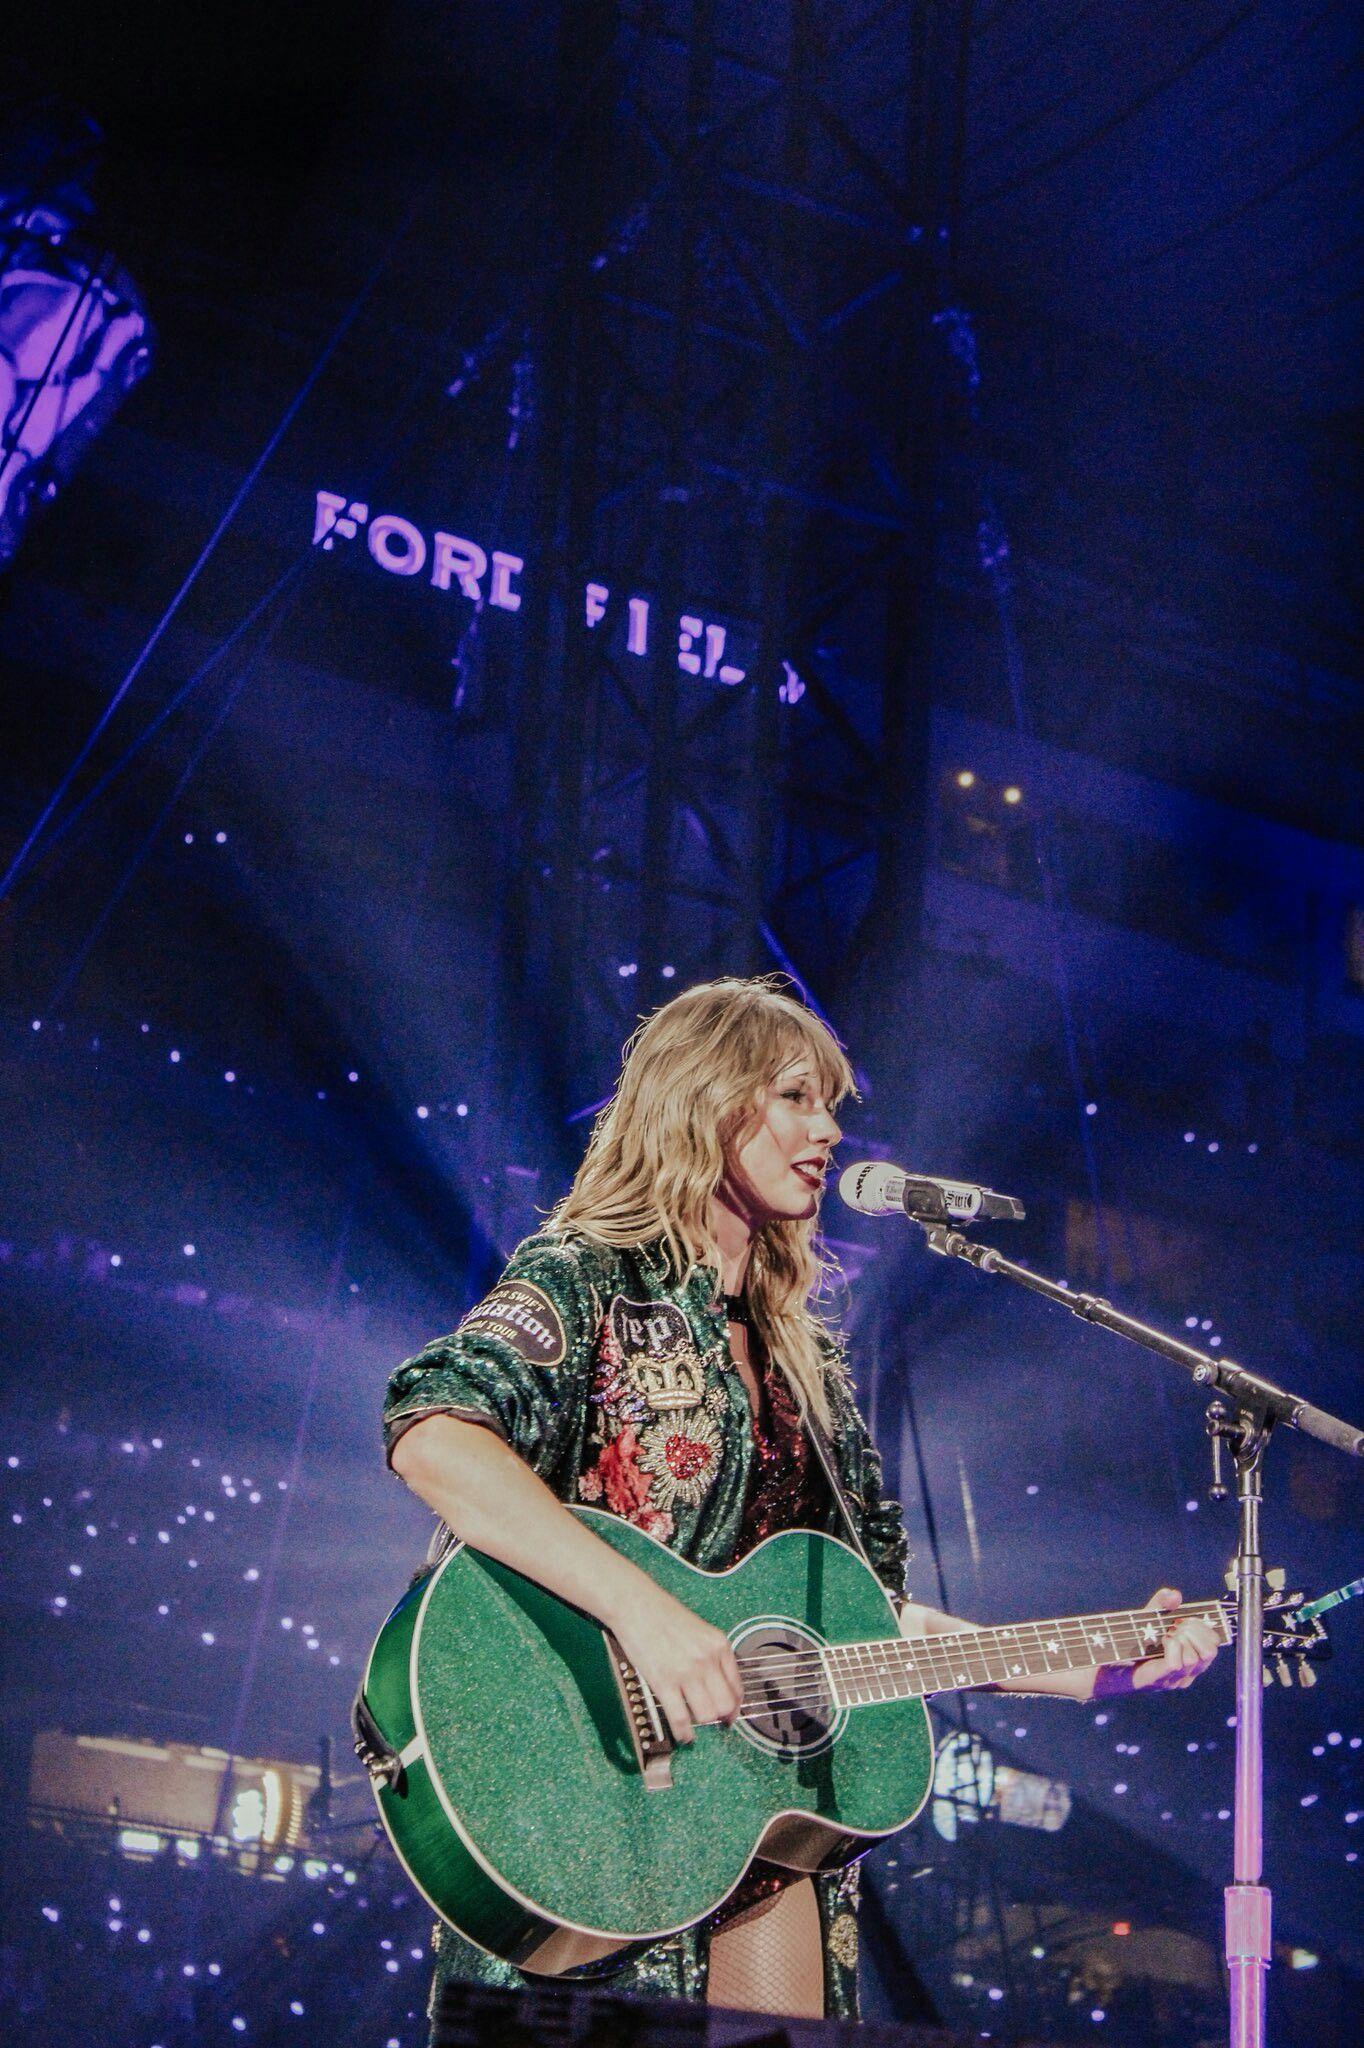 Taylor Swift, cantora e compositora norte-americana em show com seu violão jumbo na cor verde e tampo verde com glitter.